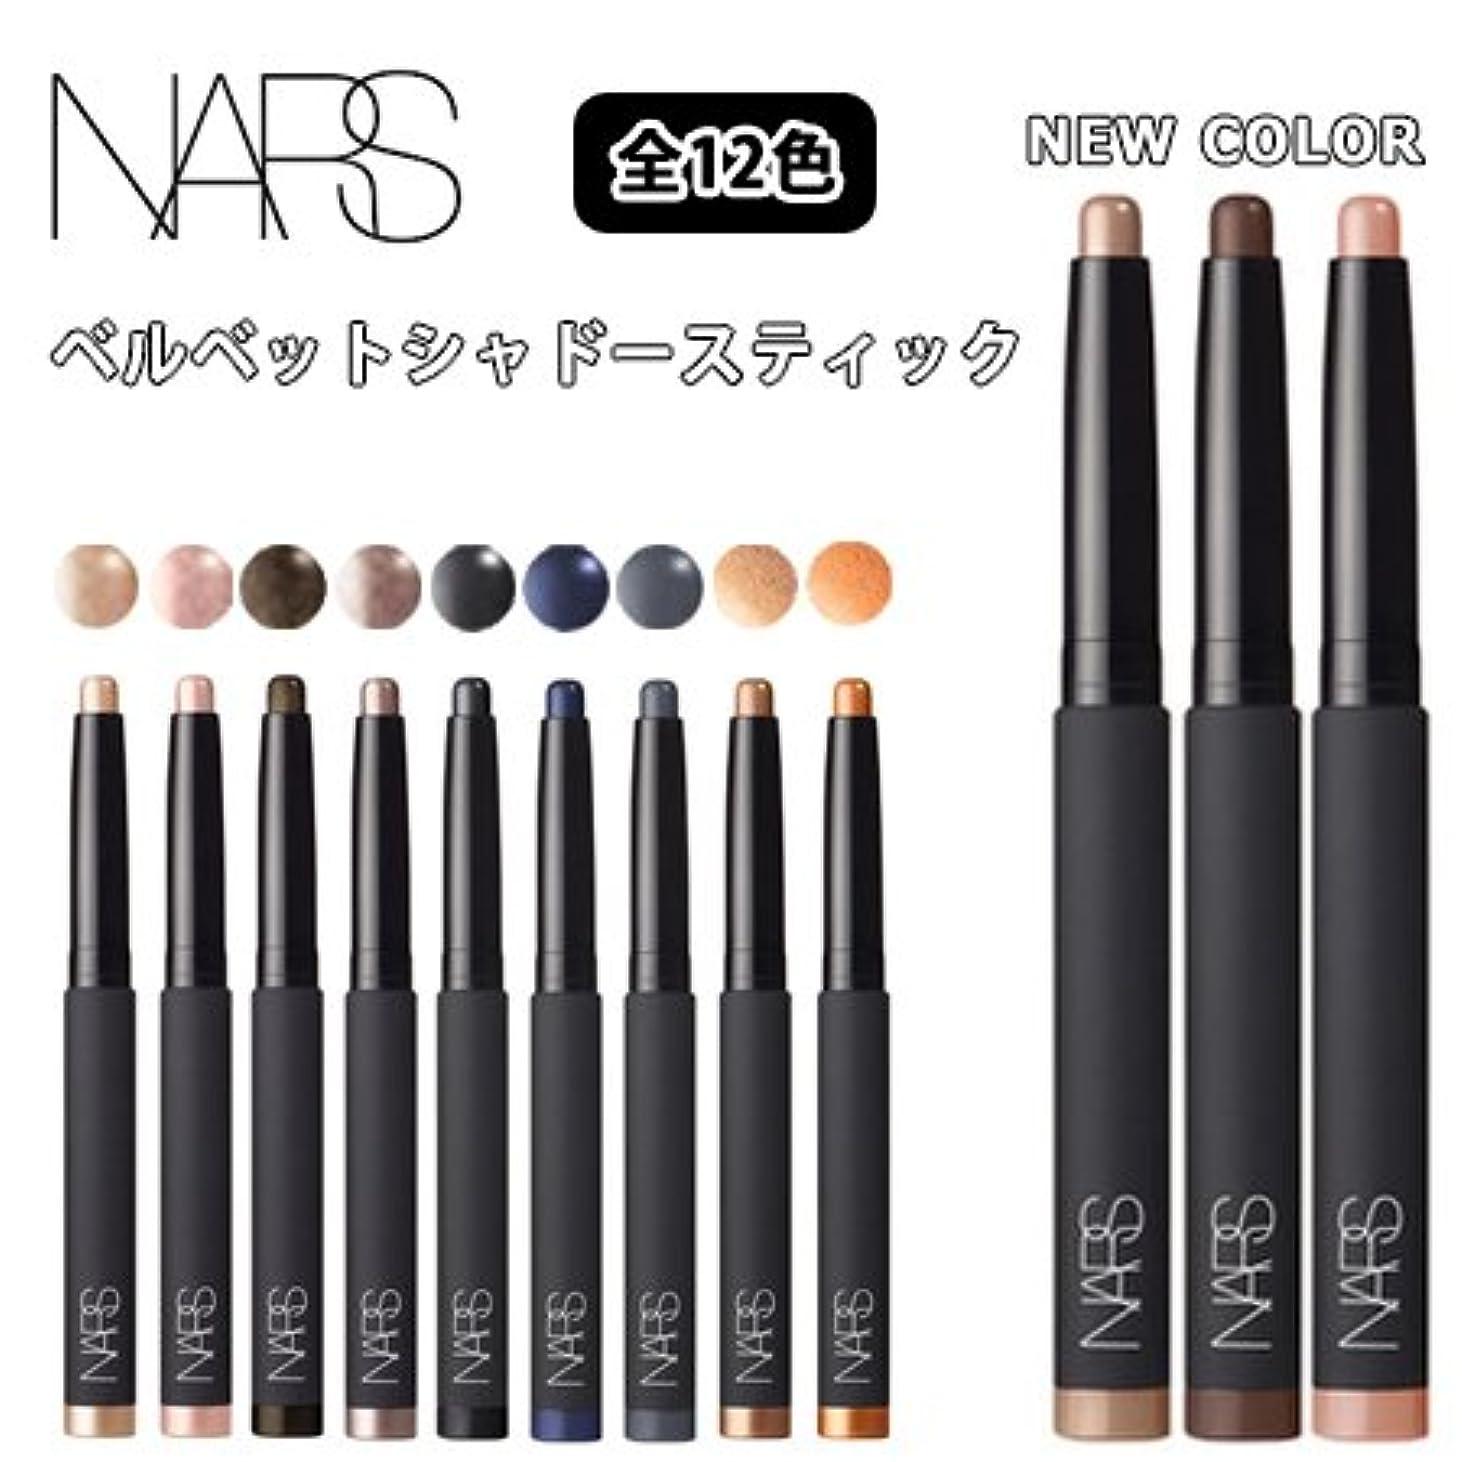 有益な土器構造的ナーズ ベルベット シャドースティック 全12色 -NARS- 【並行輸入品】 8256